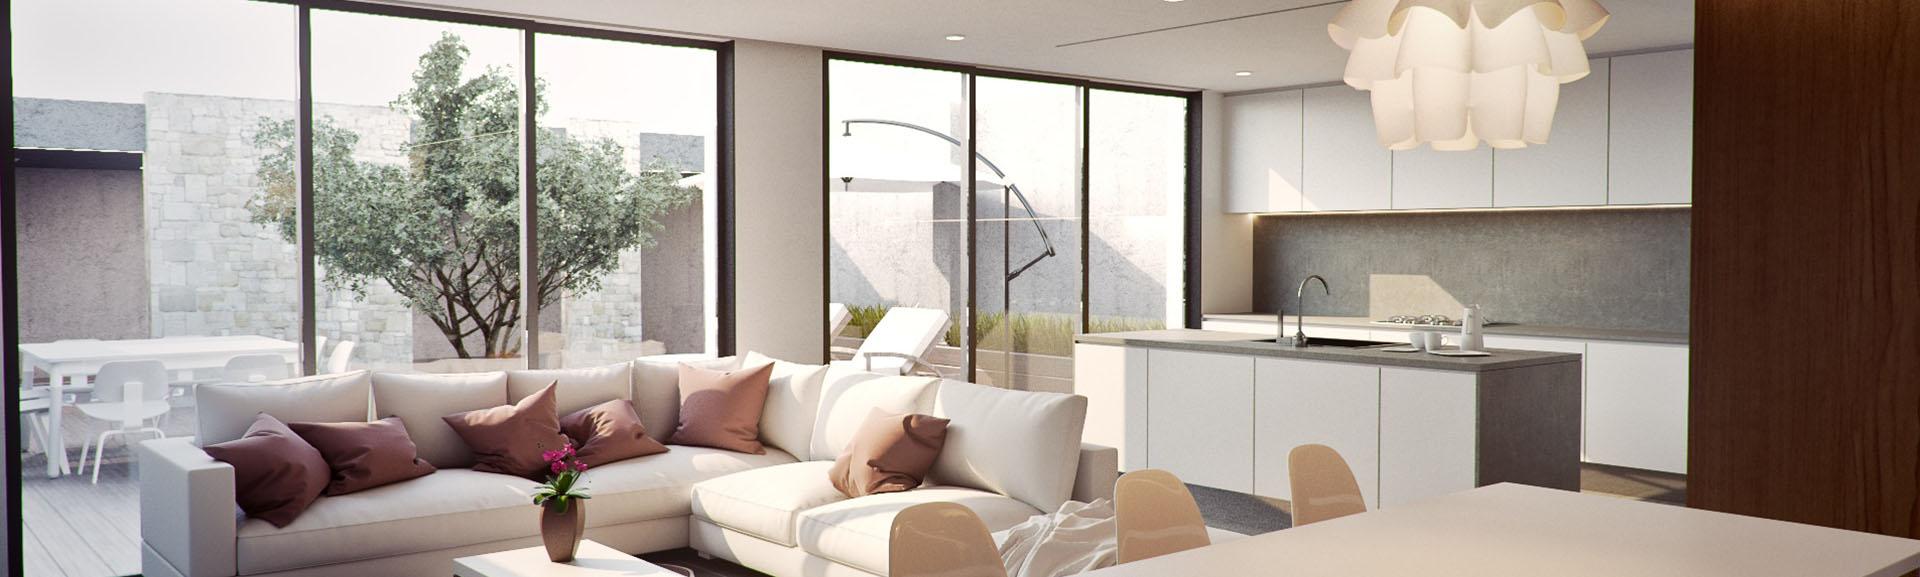 Glasfronten - Für helle, lichtdurchflutete Zimmer